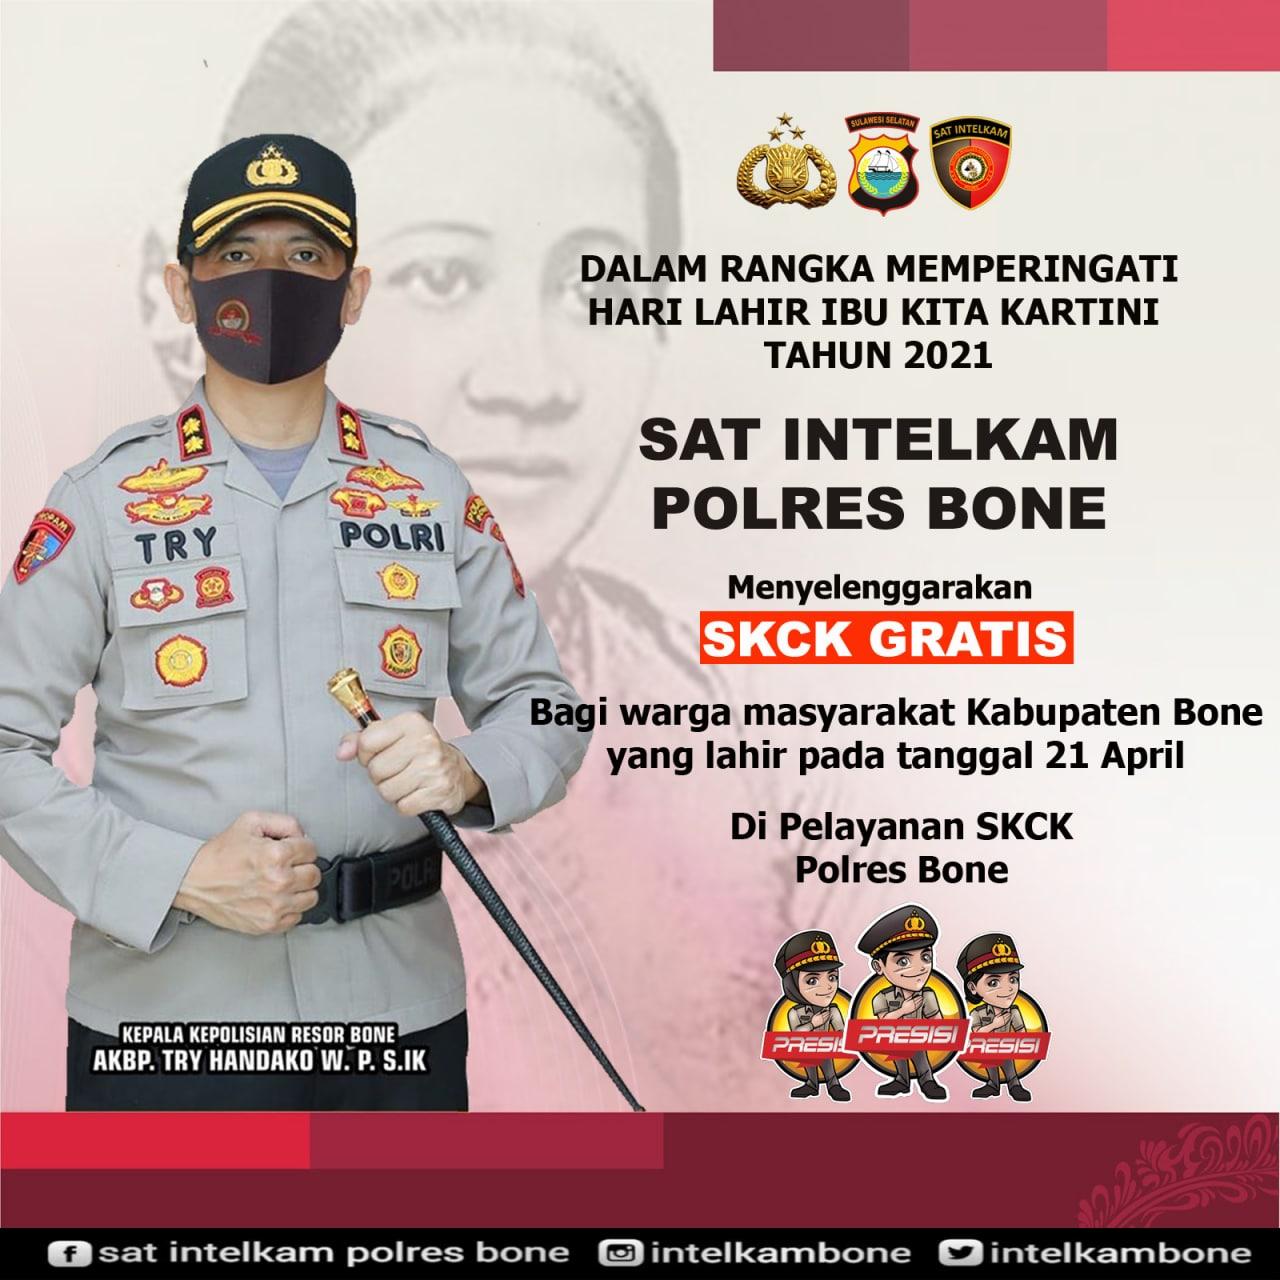 SAT INTELKAM Polres Bone Gratiskan Pembuatan SKCK di Hari Kartini